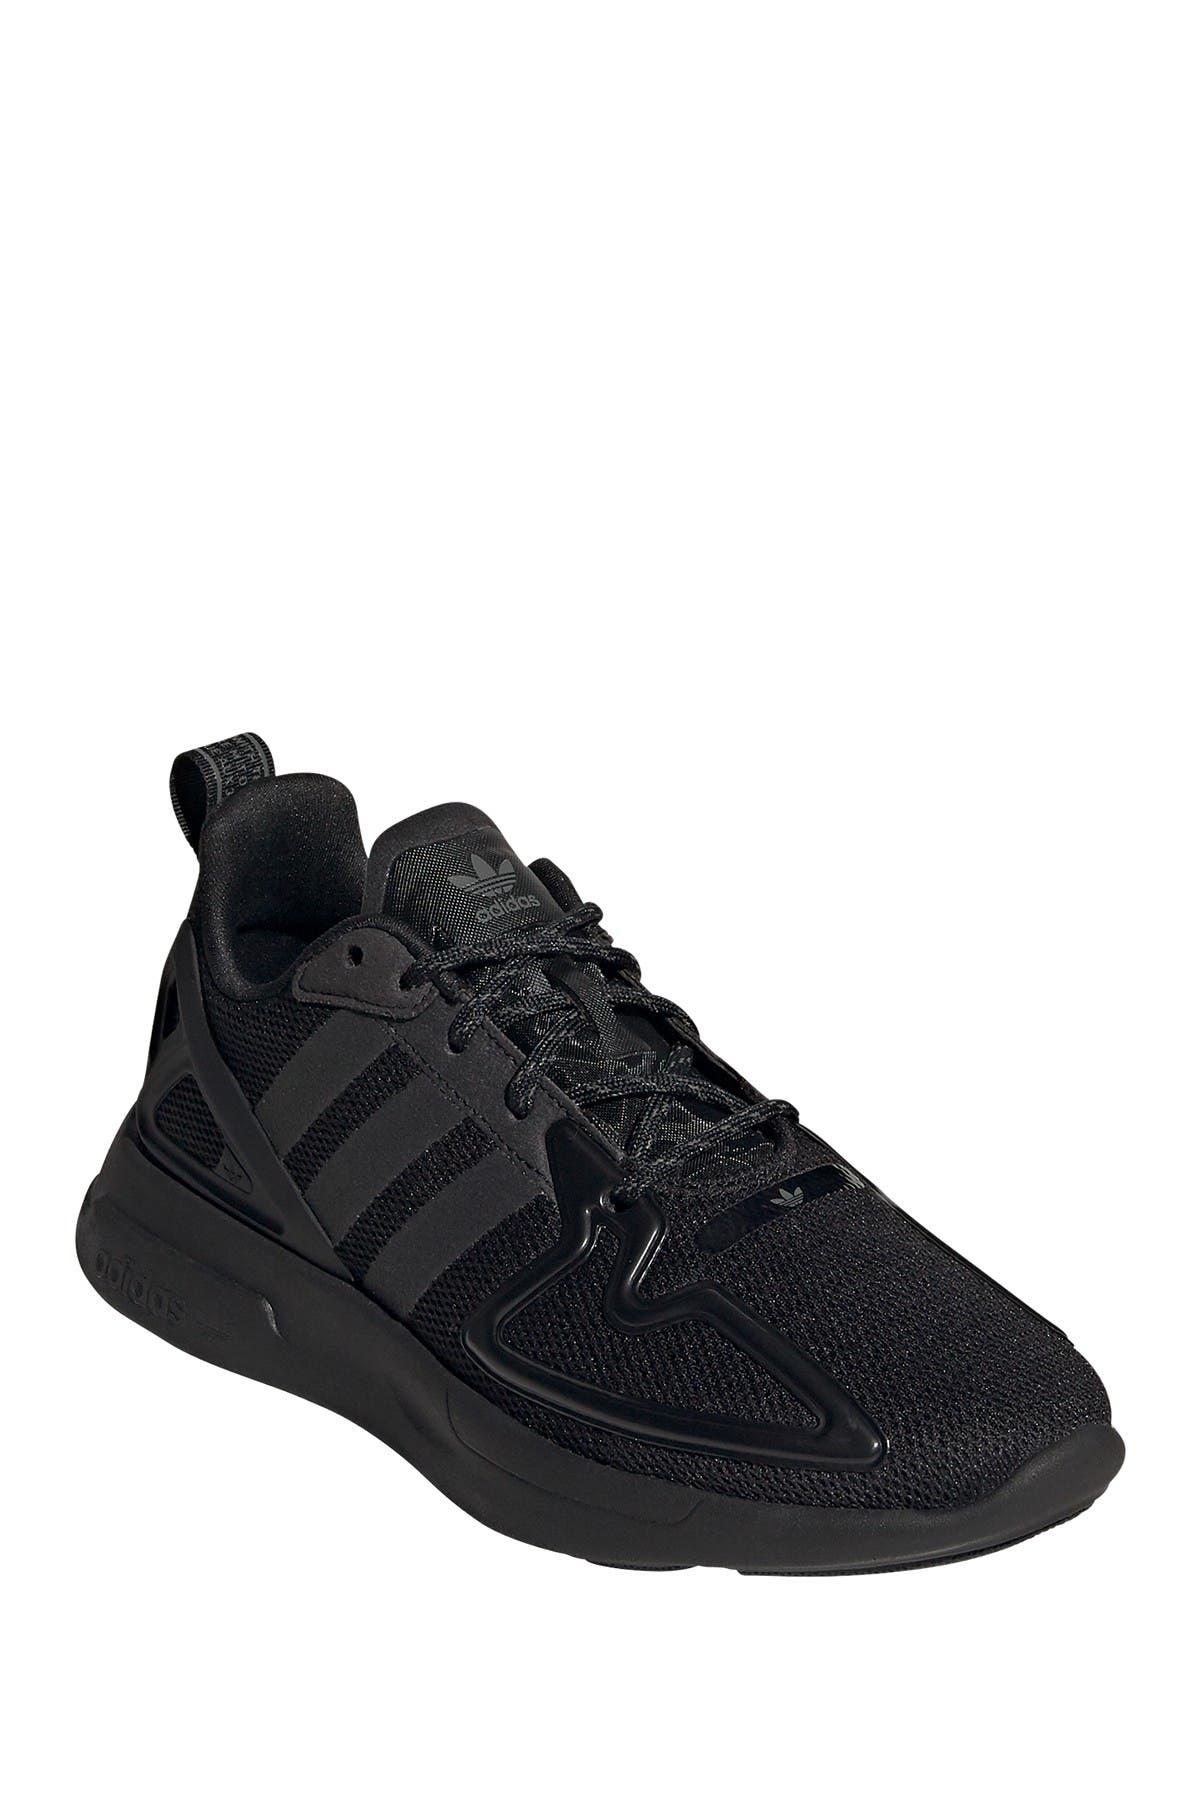 Image of ADIDAS ORIGINALS ZX 2K Flux Sneaker